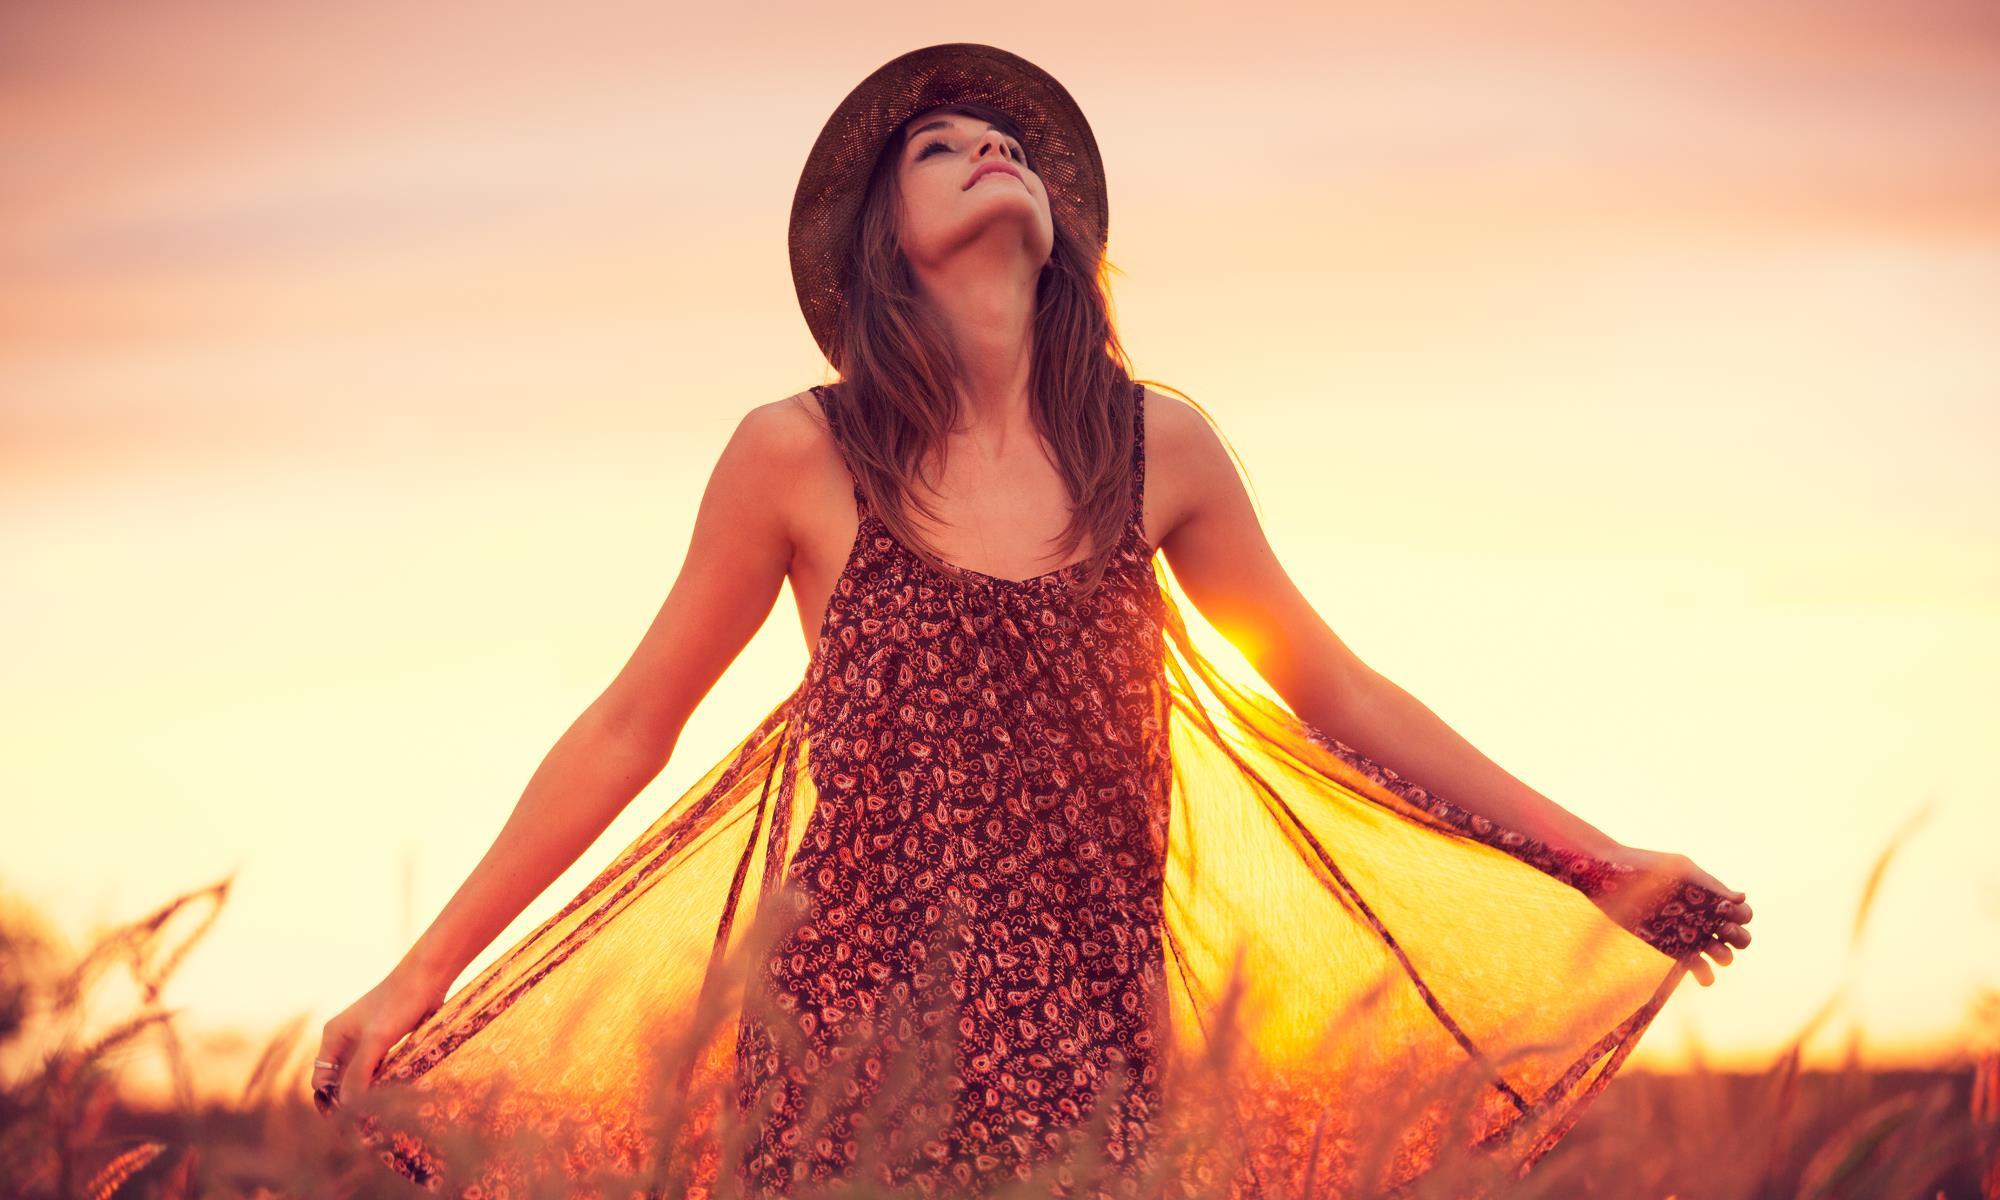 Det rigtige valg af olie - kvinde i marken med solnedgang i baggrunden - hovedet holdt højt mod himlen